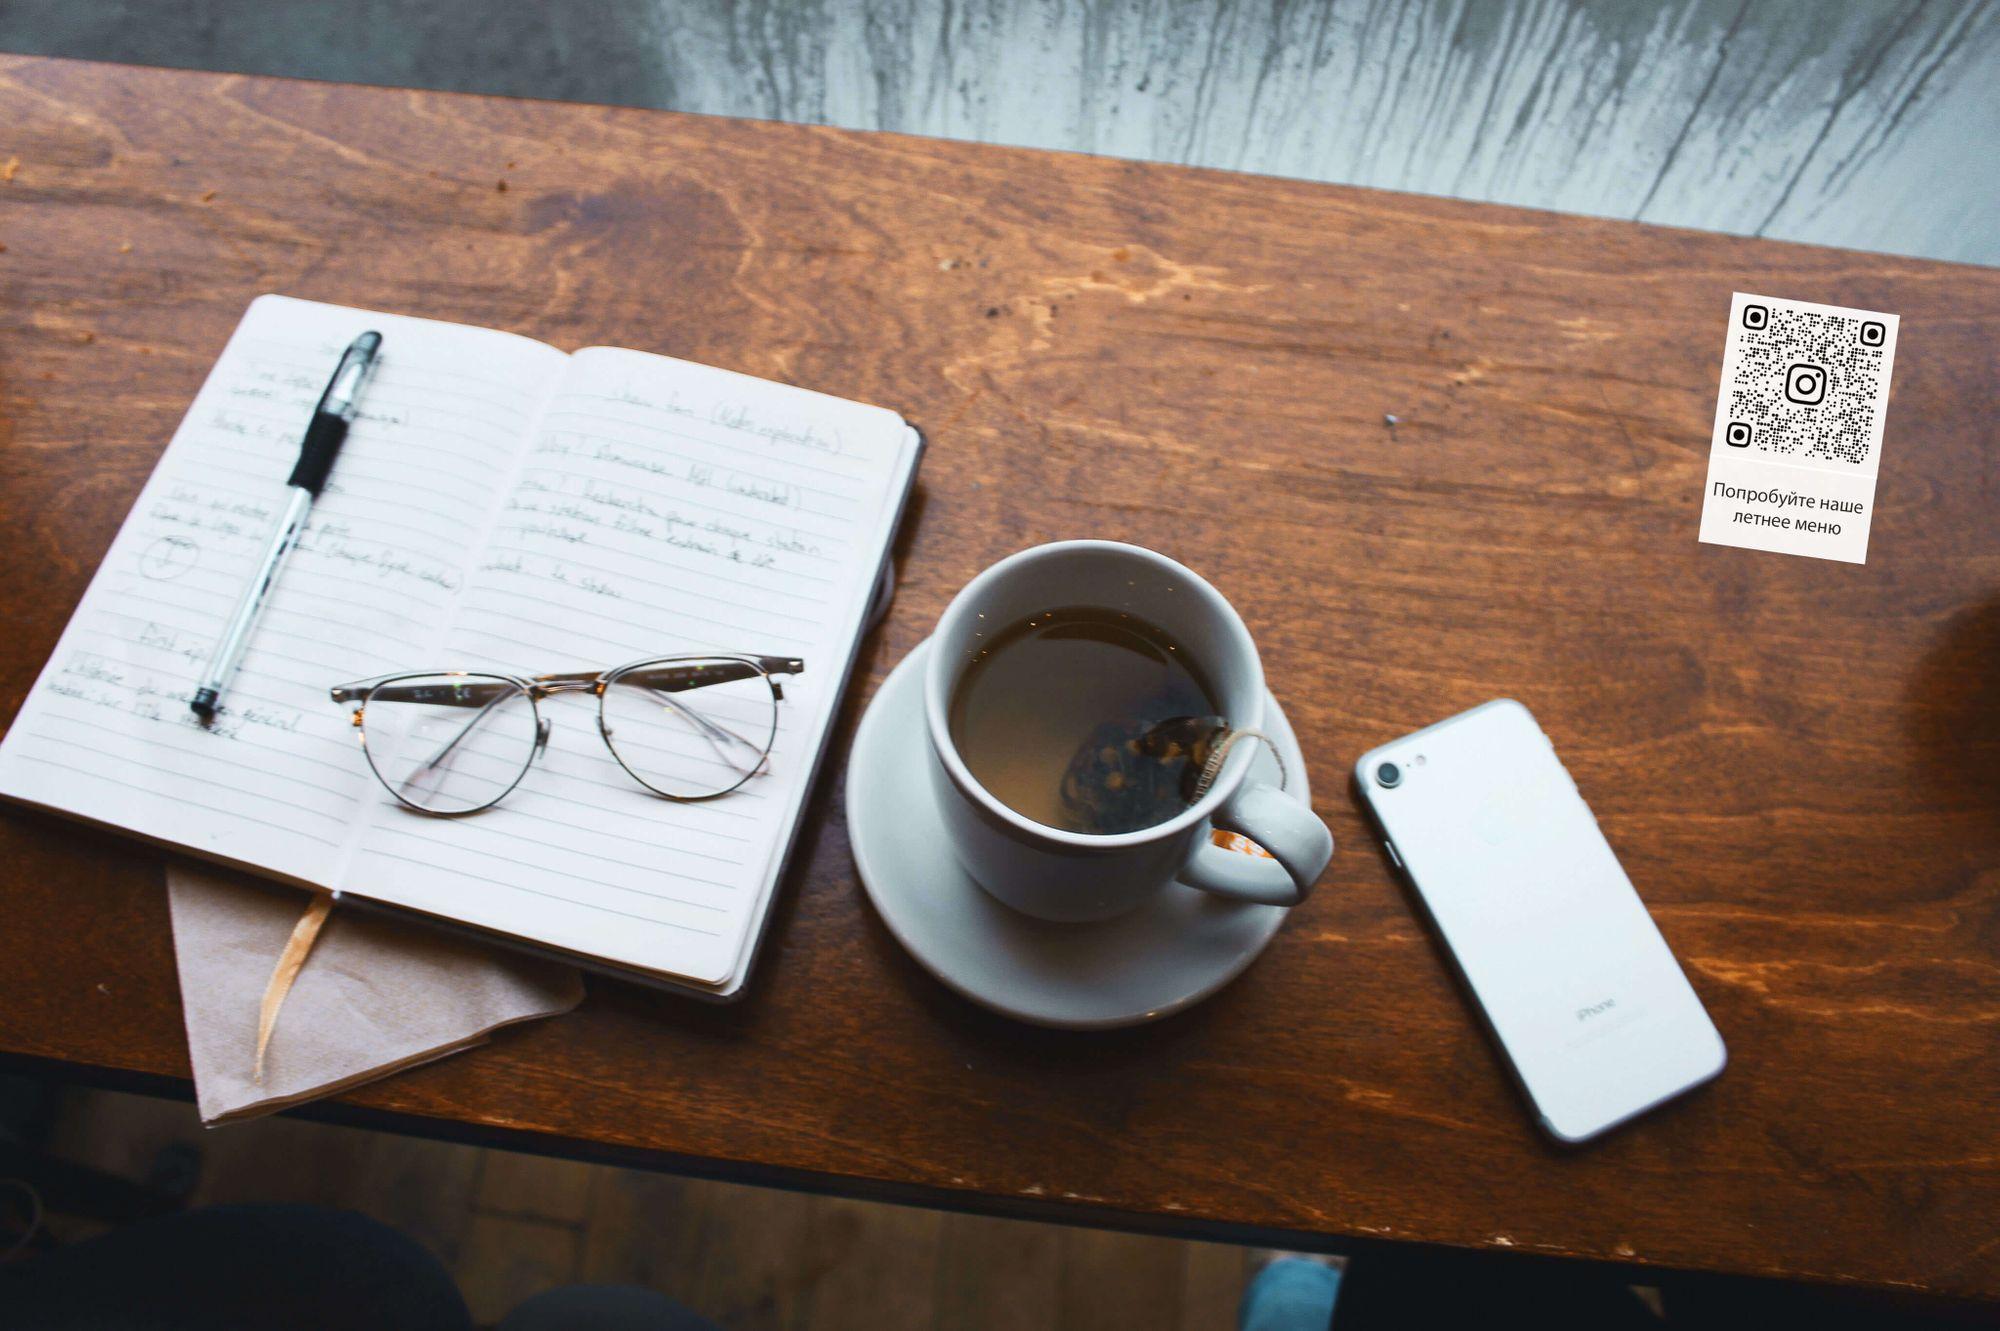 Визитка Инстаграм в кафе